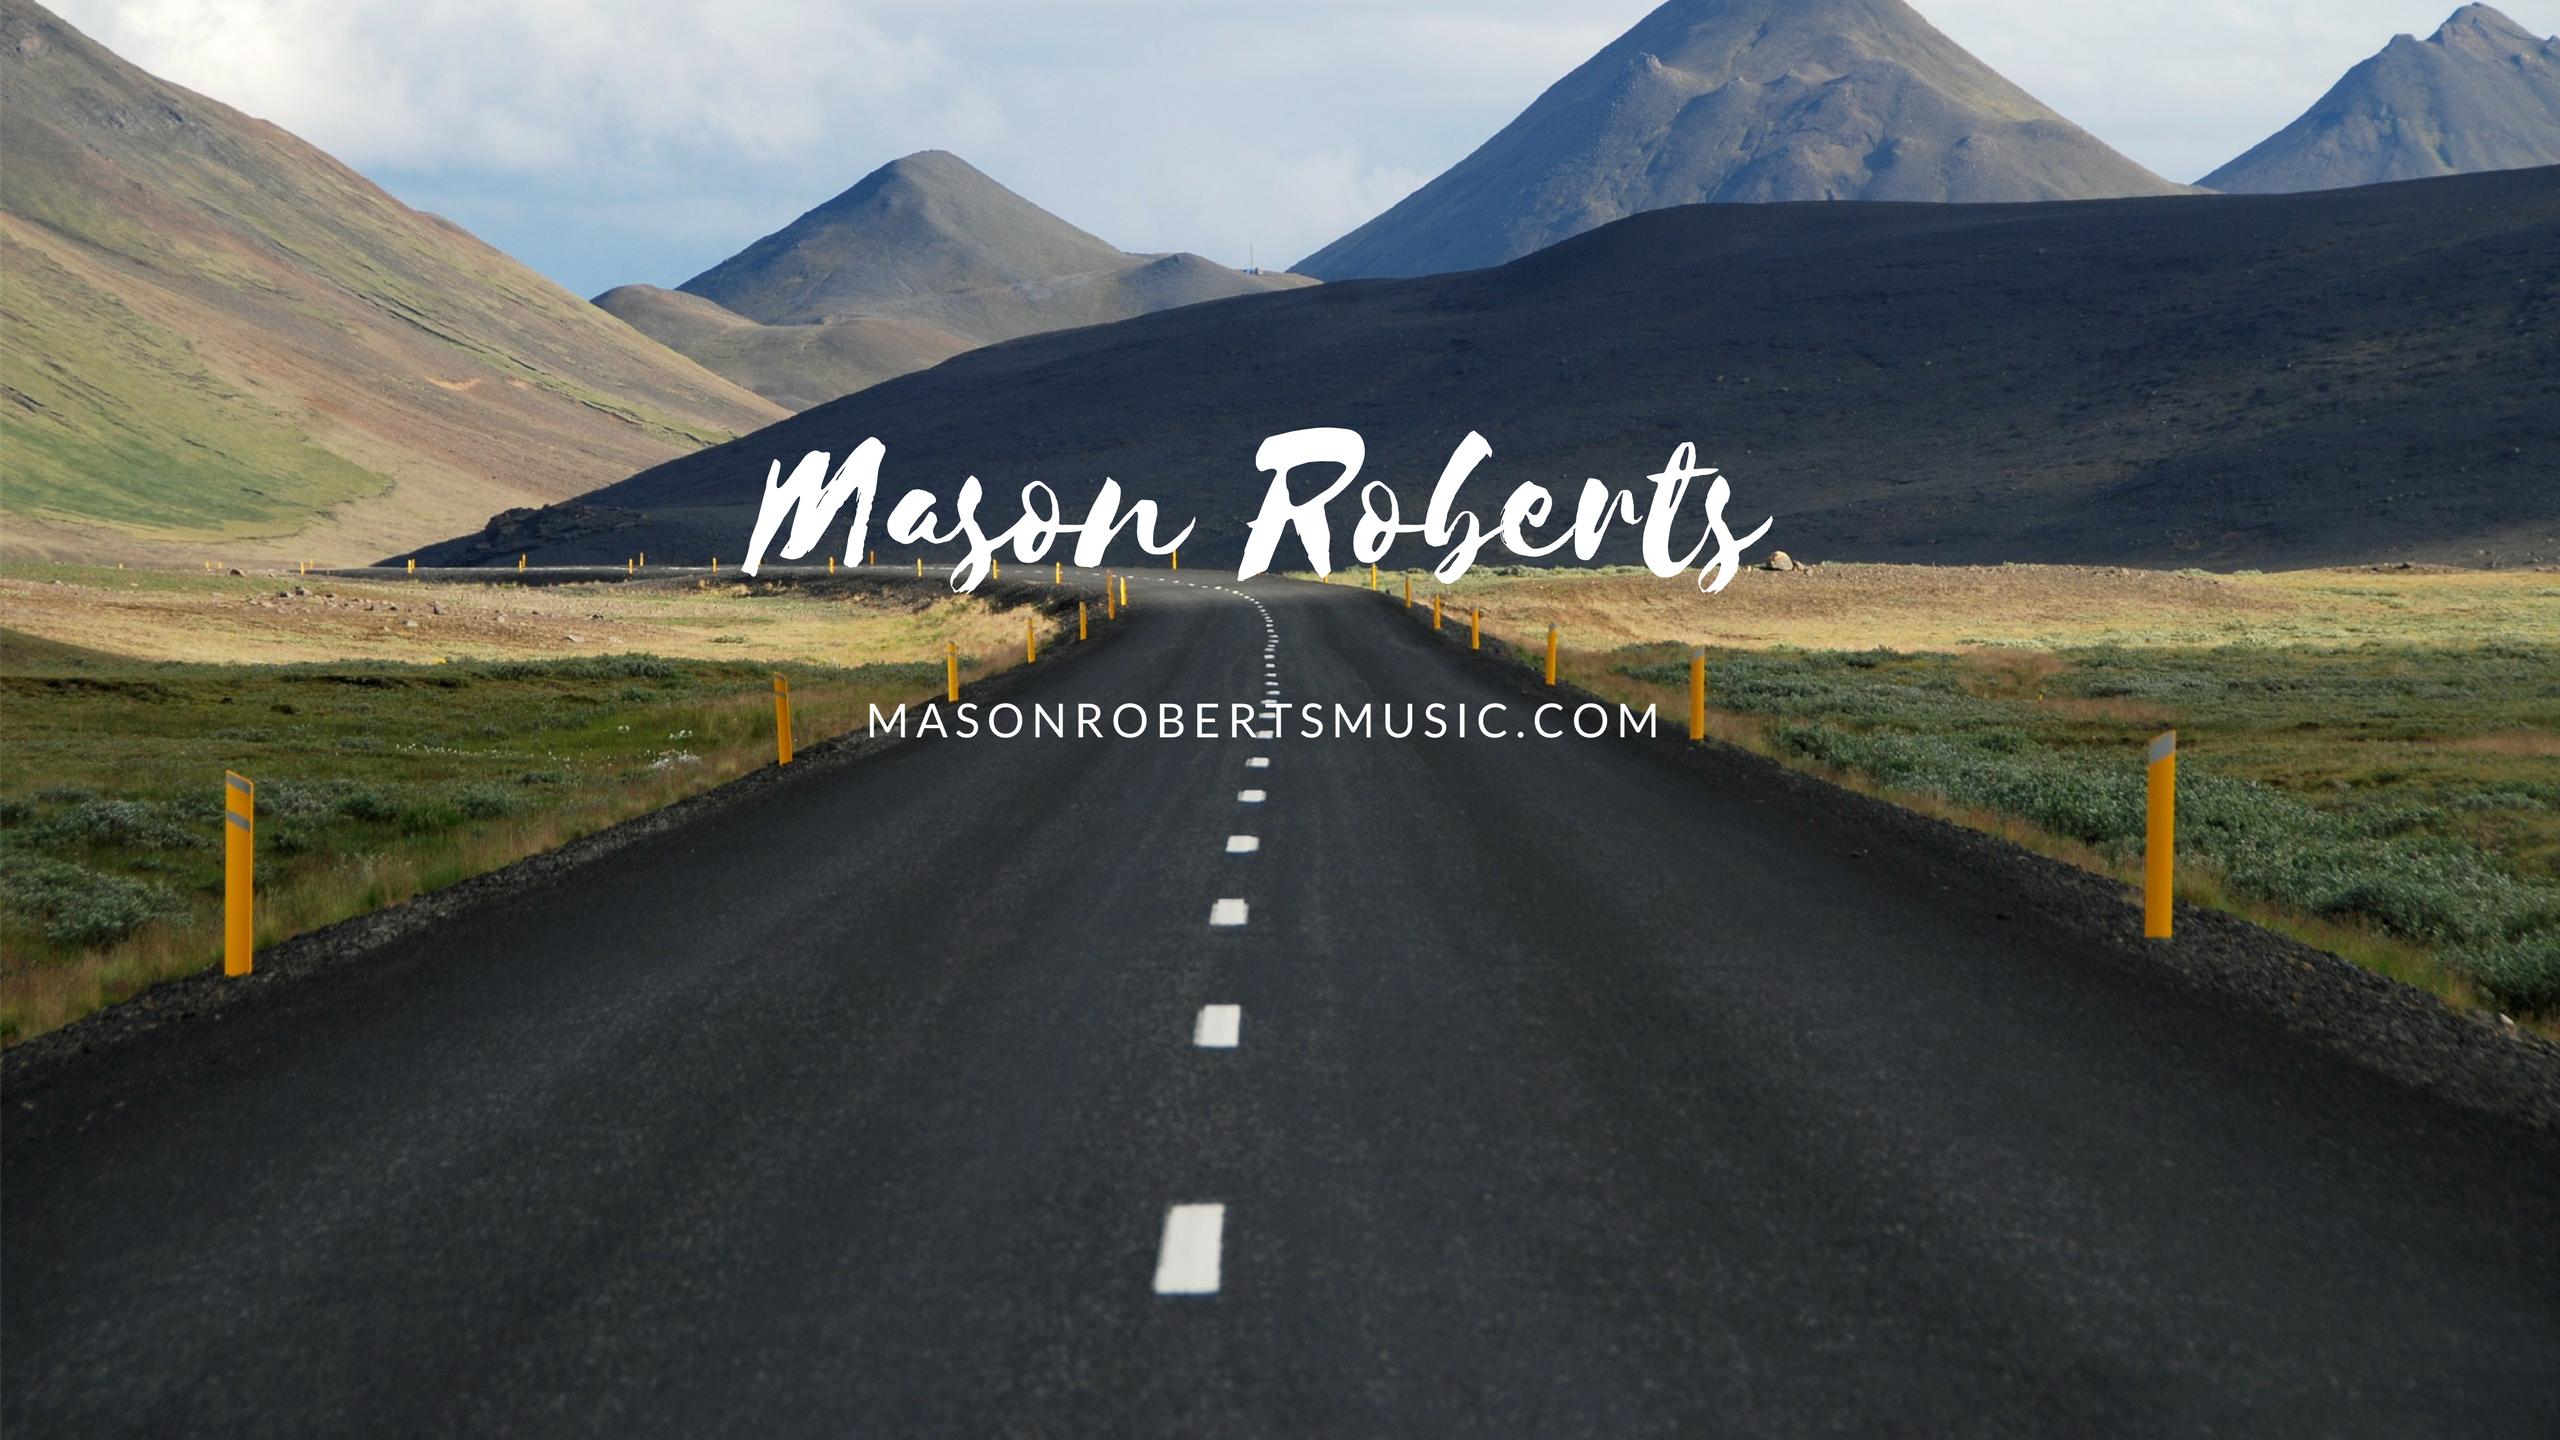 Mason_roberts1